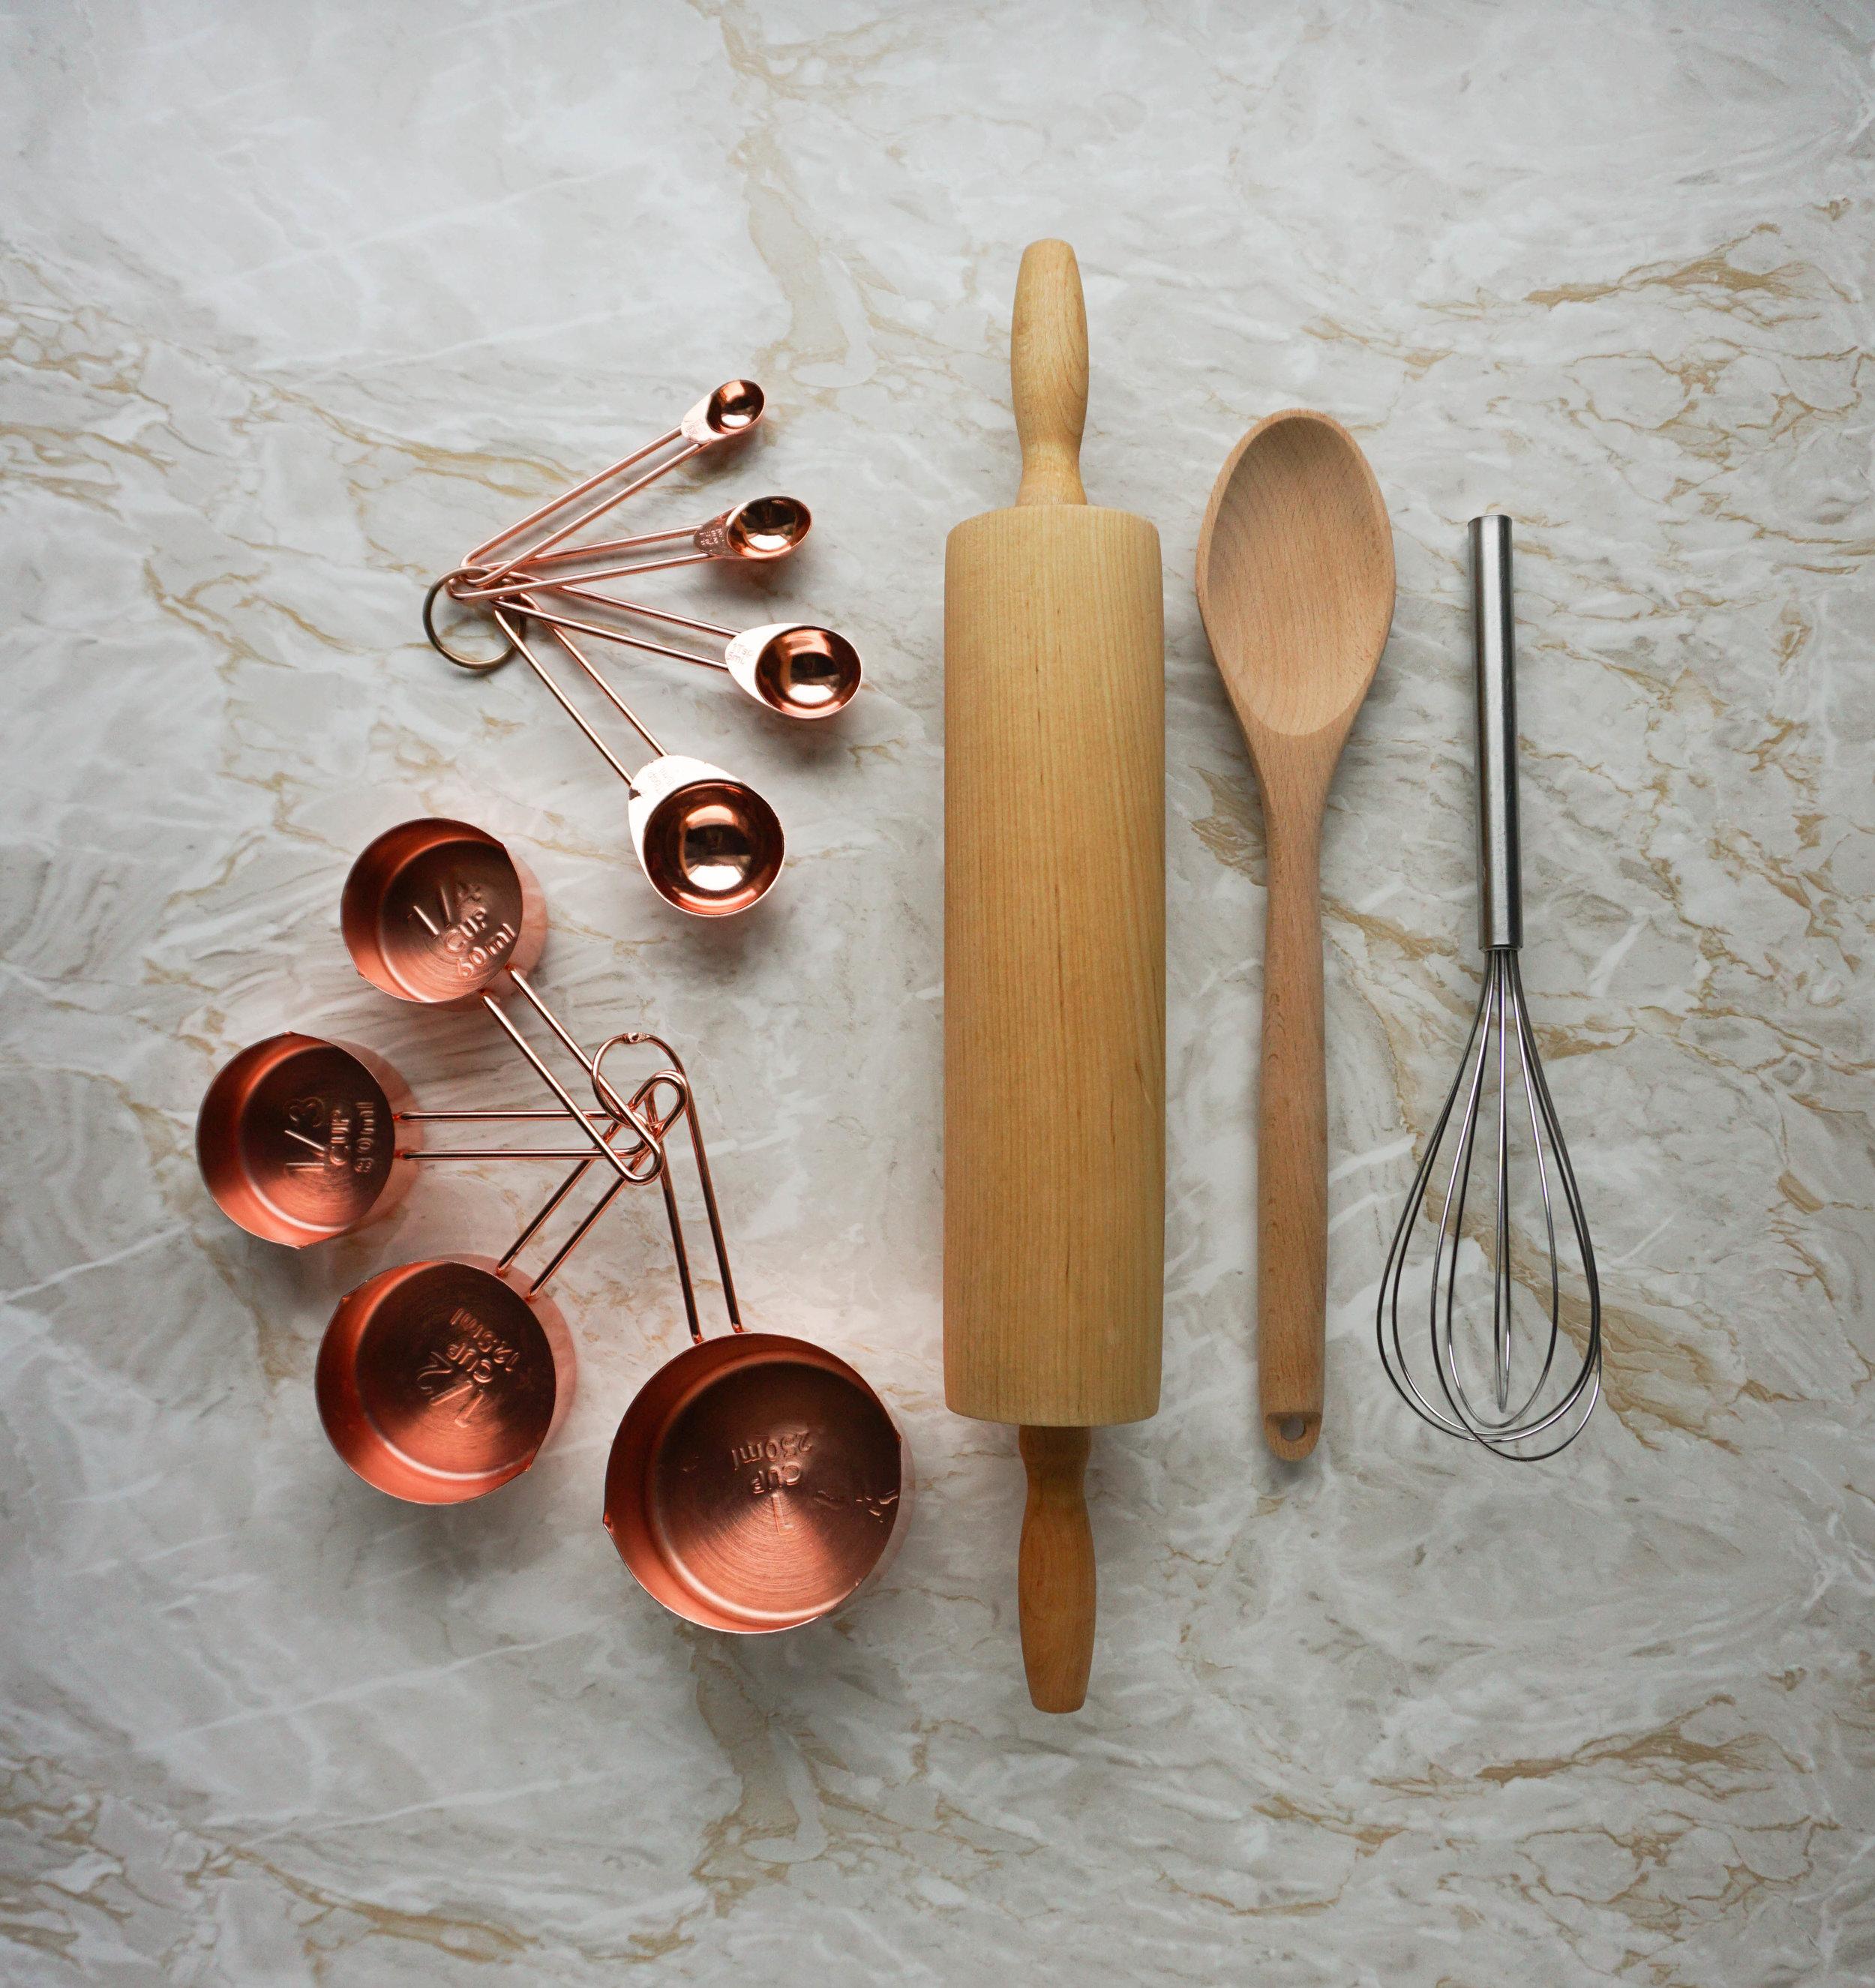 Plastikfrei Backen 101 - meine Tipps für nachhaltigere Back-Utensilien und Küchenzubehör Messbecher Quirl Nudelholz Löffel.jpg